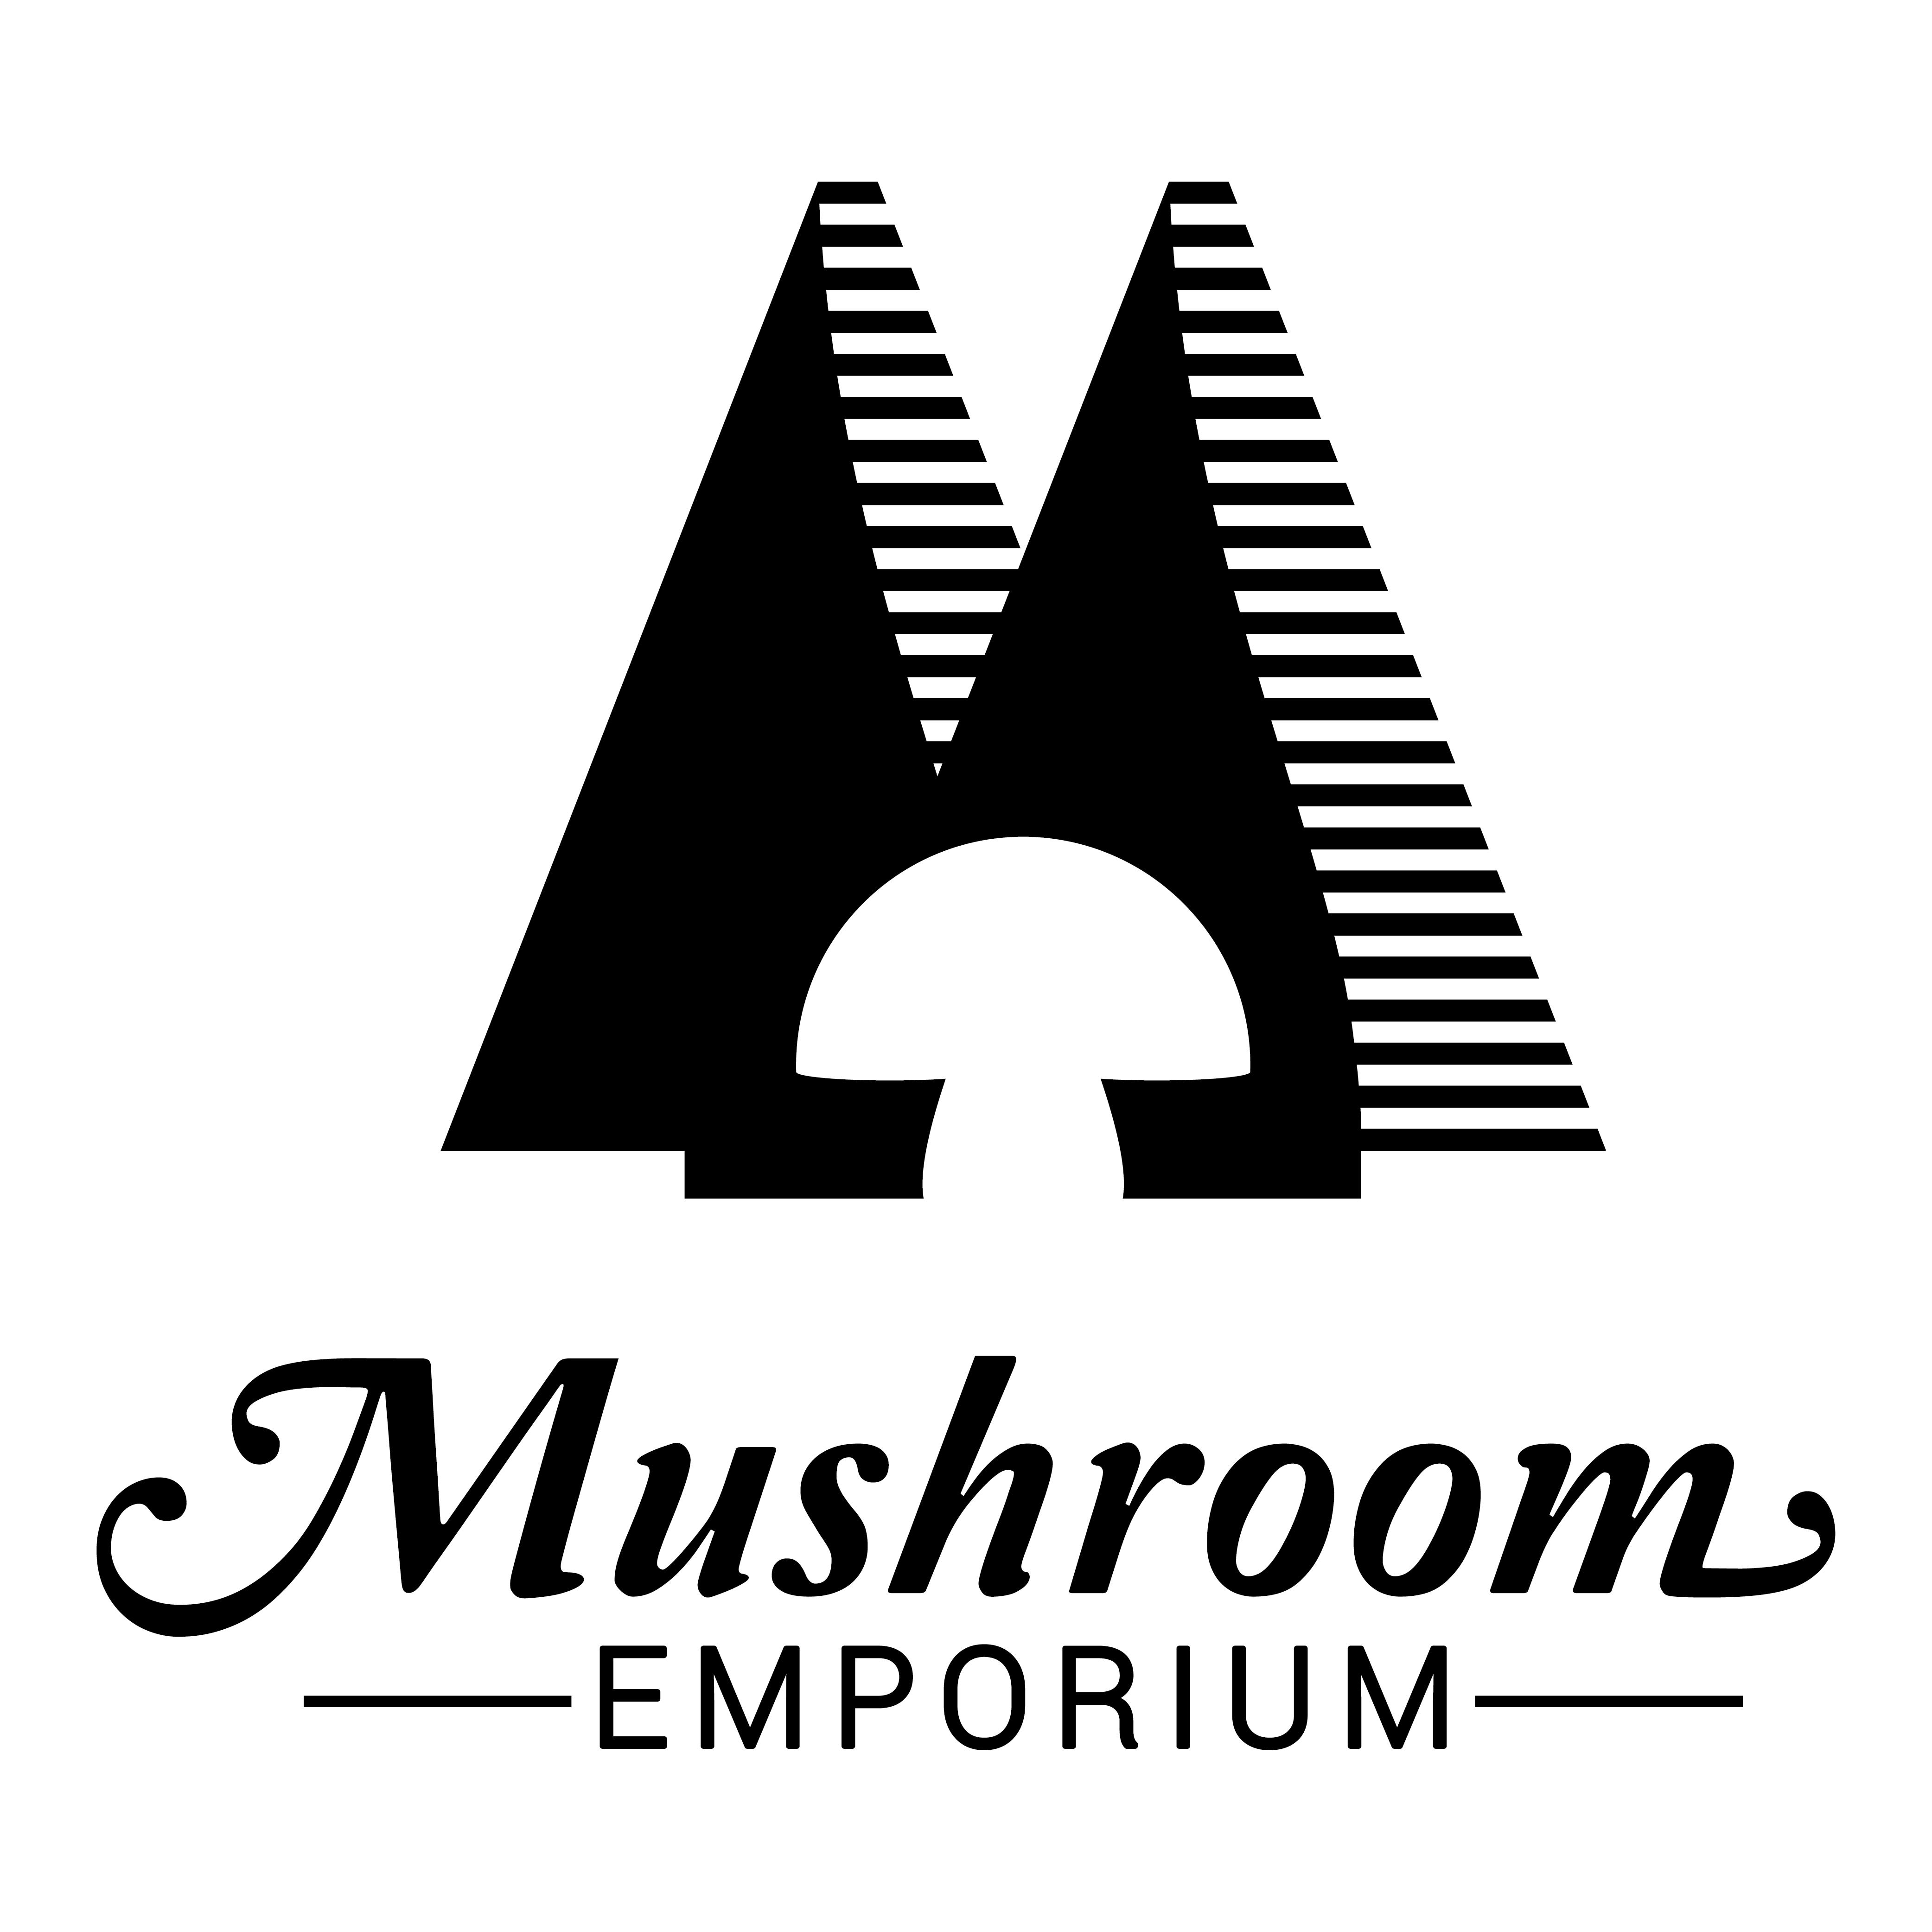 Create a Logo and Website for our new business 'Mushroom Emporium'